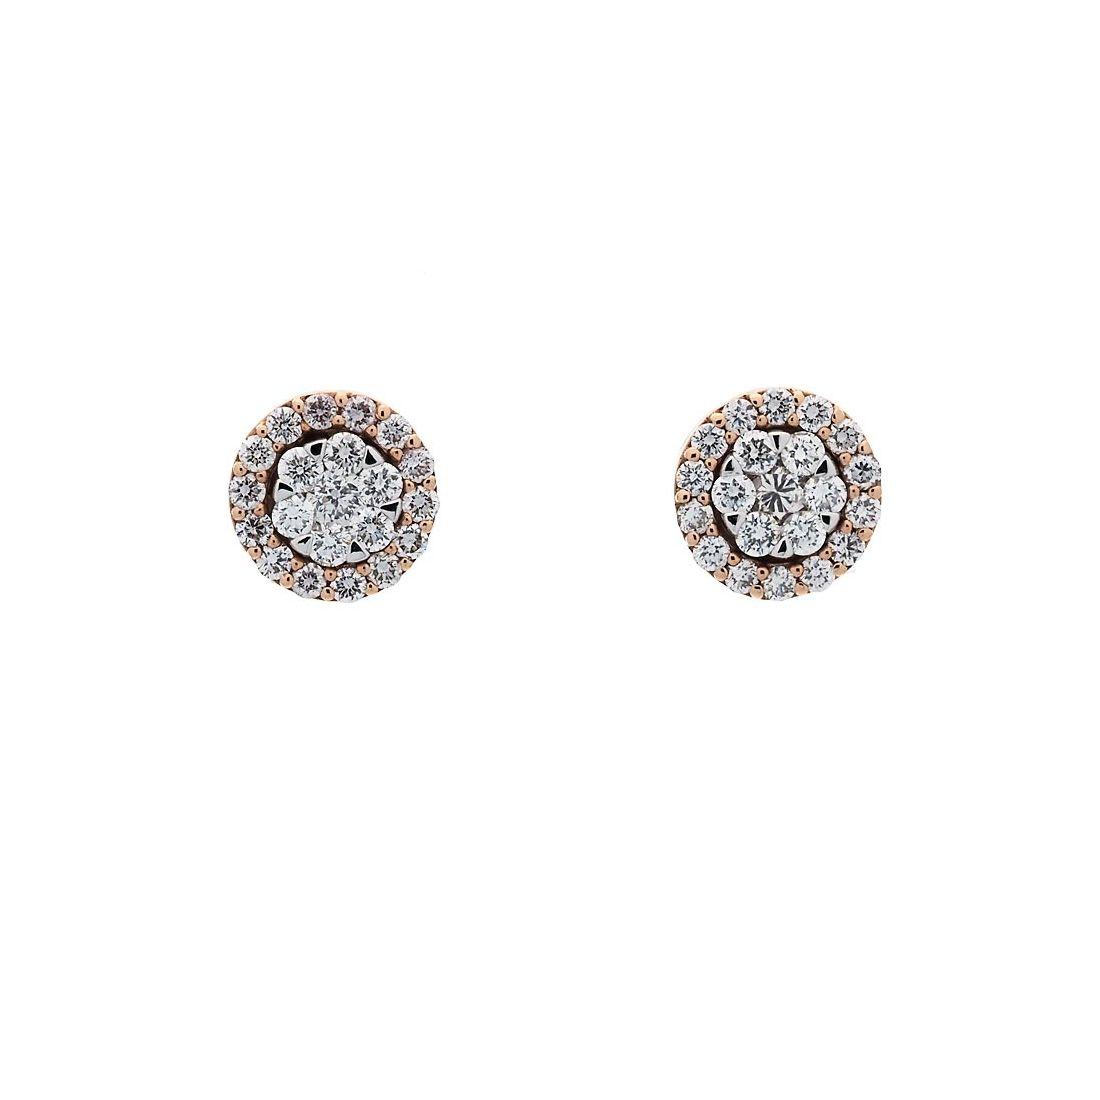 Pendientes oro blanco y rosa con diamantes  - 1